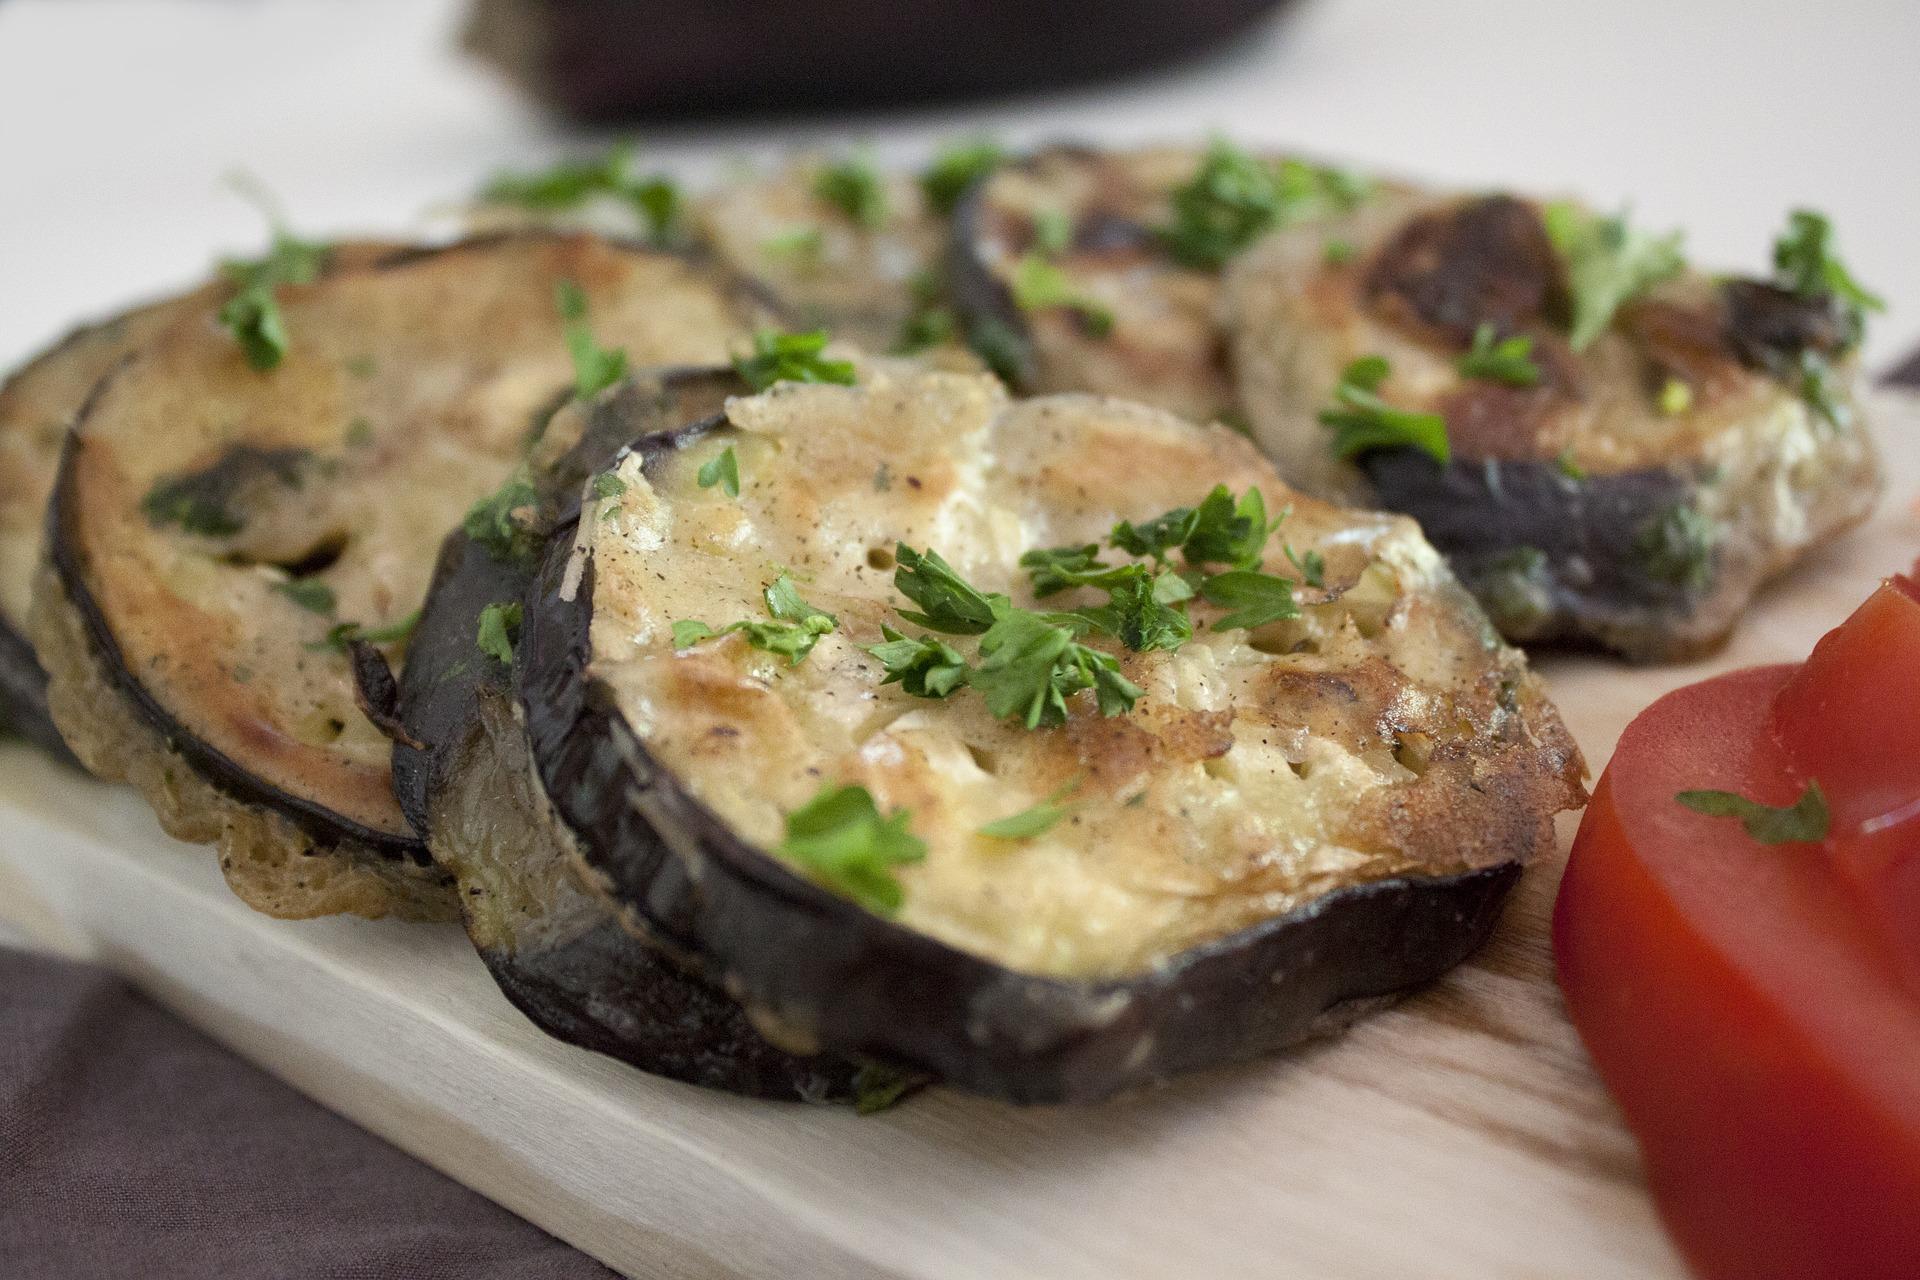 Eggplant 2374163 1920